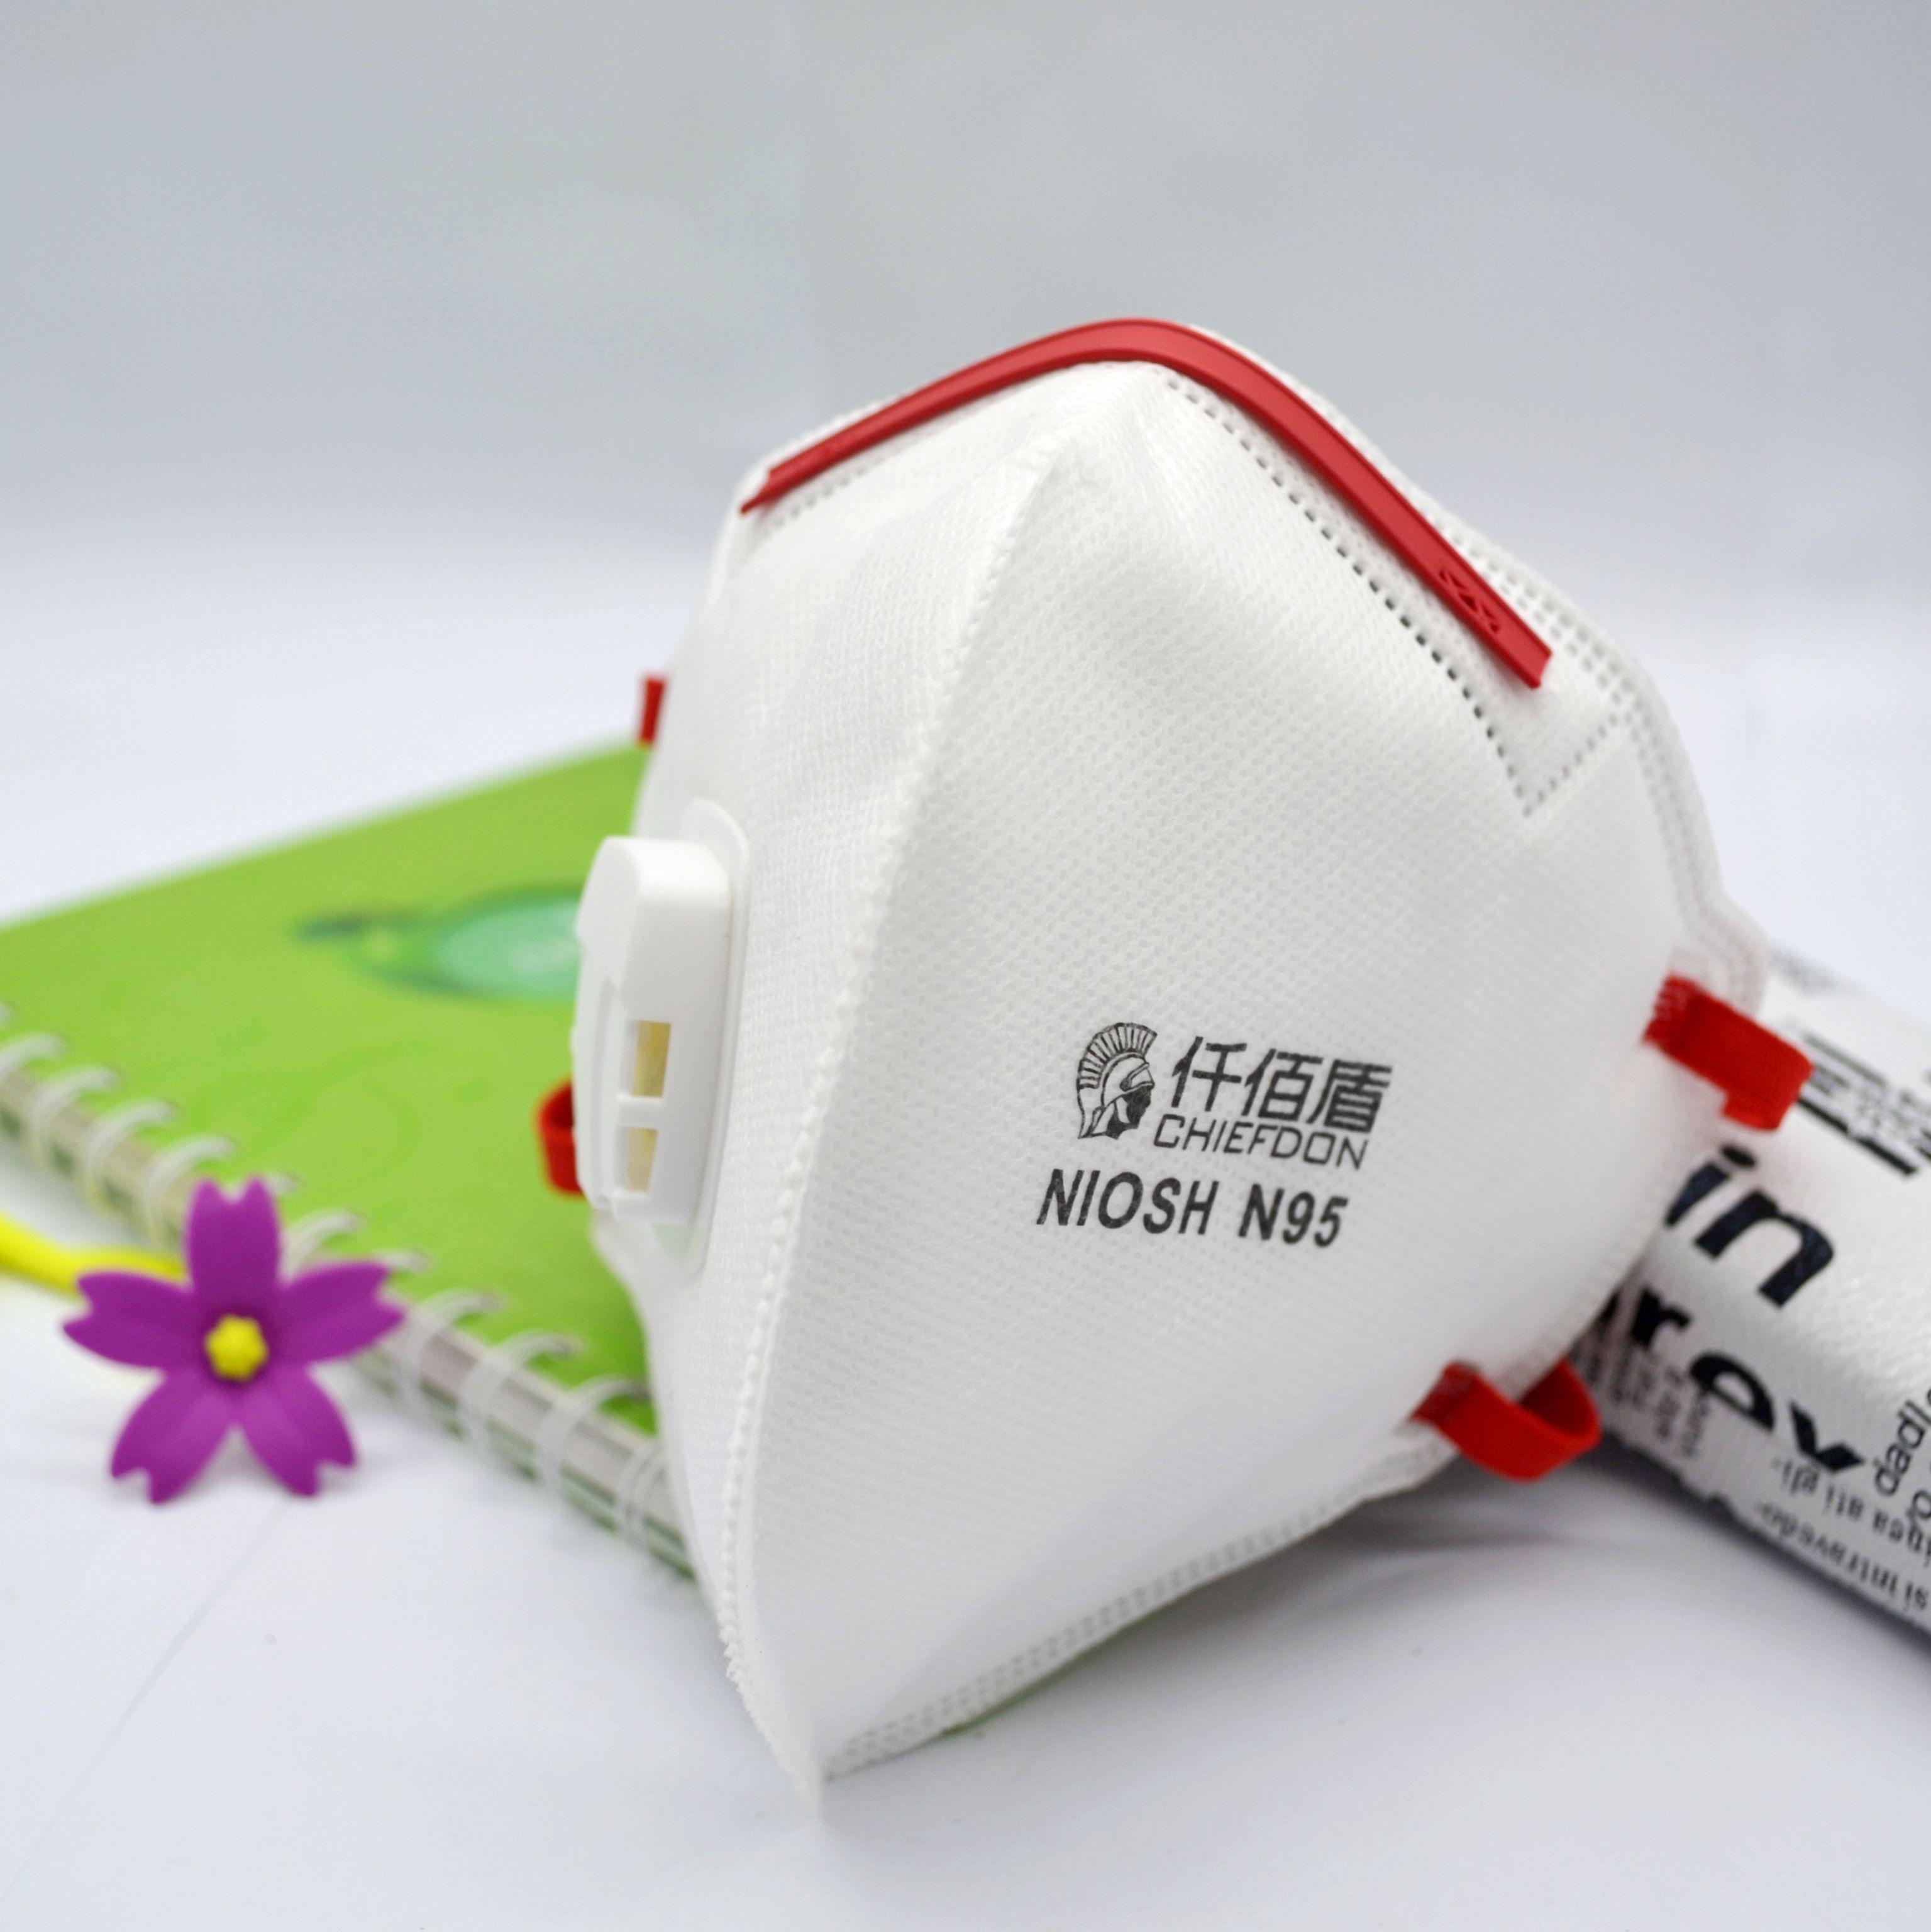 n95 filter mask